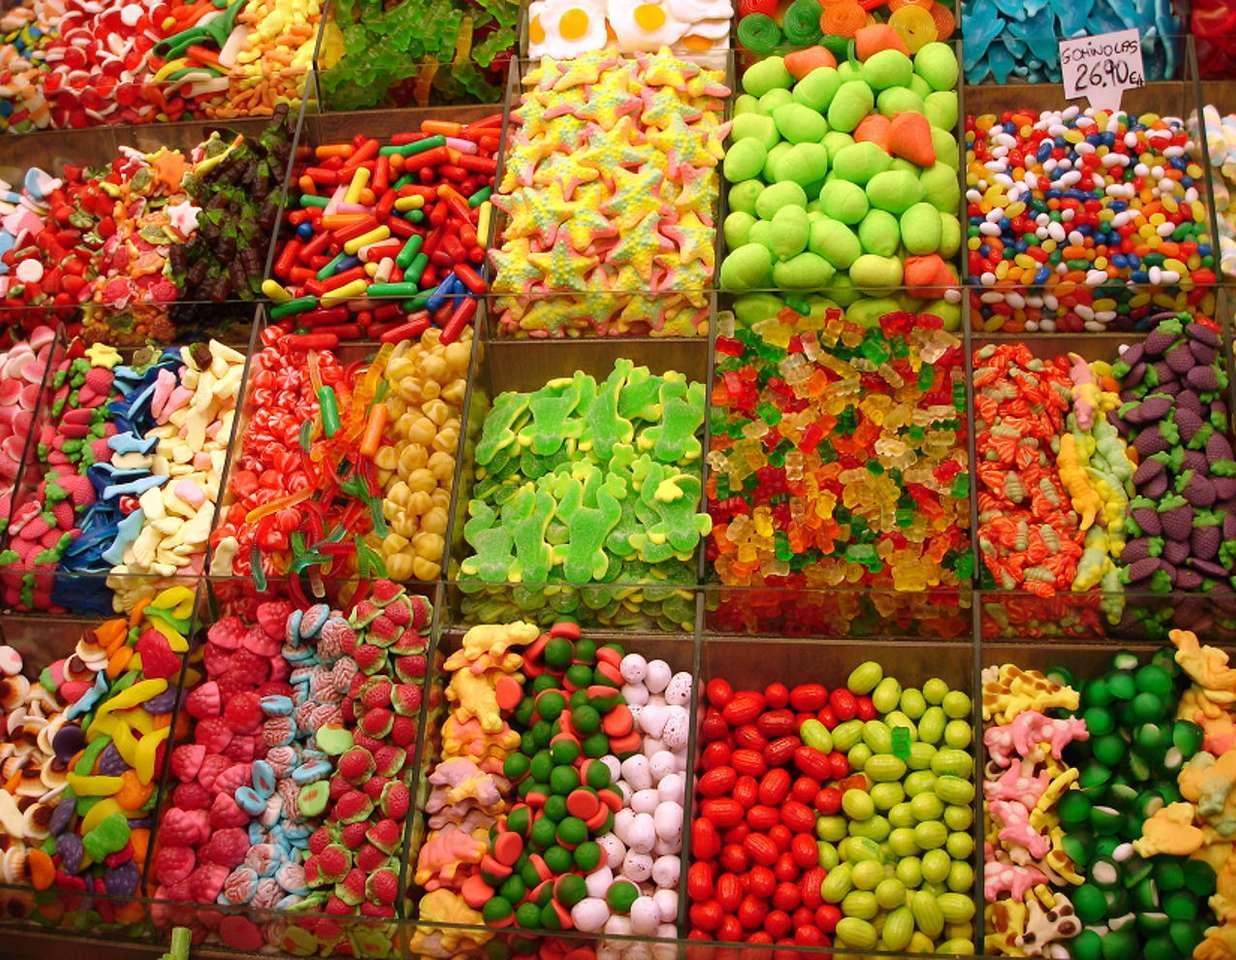 Żelki i inne słodycze - Słodkości na straganie. Dzieci przepadają za żelkami i innymi słodkościami. Żelki produkuje się zwykle z cukru, syropu glukozowego, skrobii, barwników i aromatów, kwasu cytrynowego i żelaty (25×18)